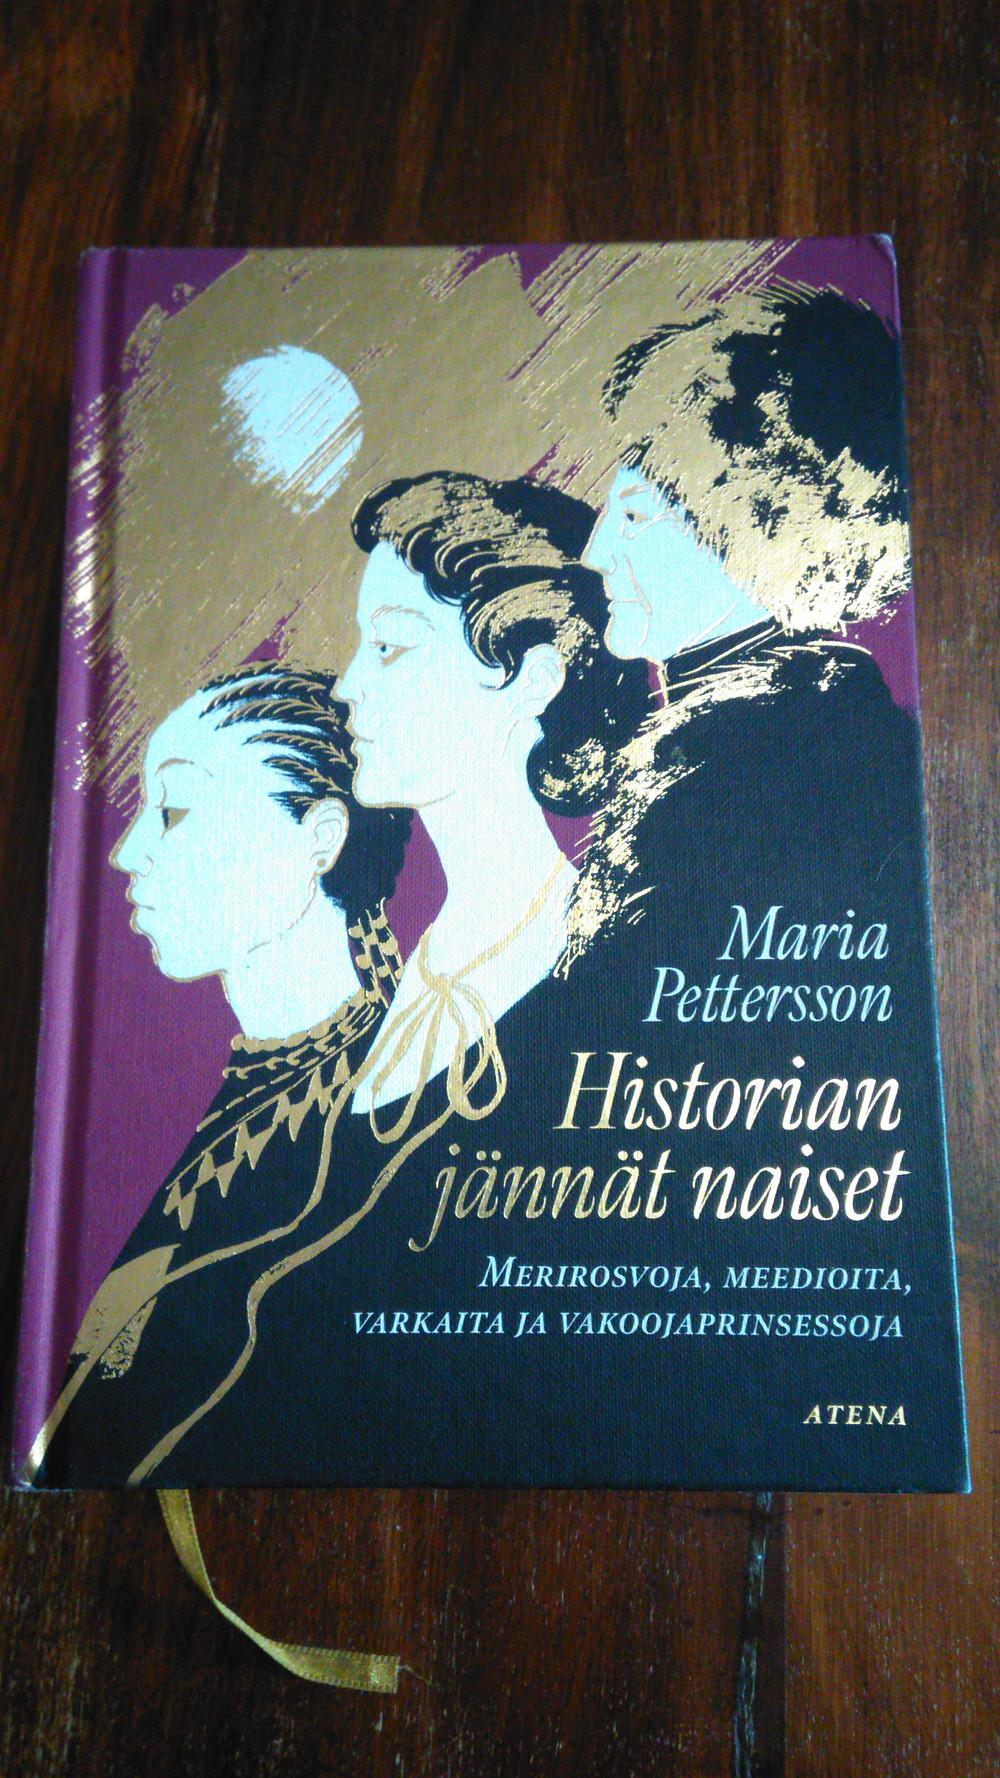 Maria Pettersson: Historian jännät naiset